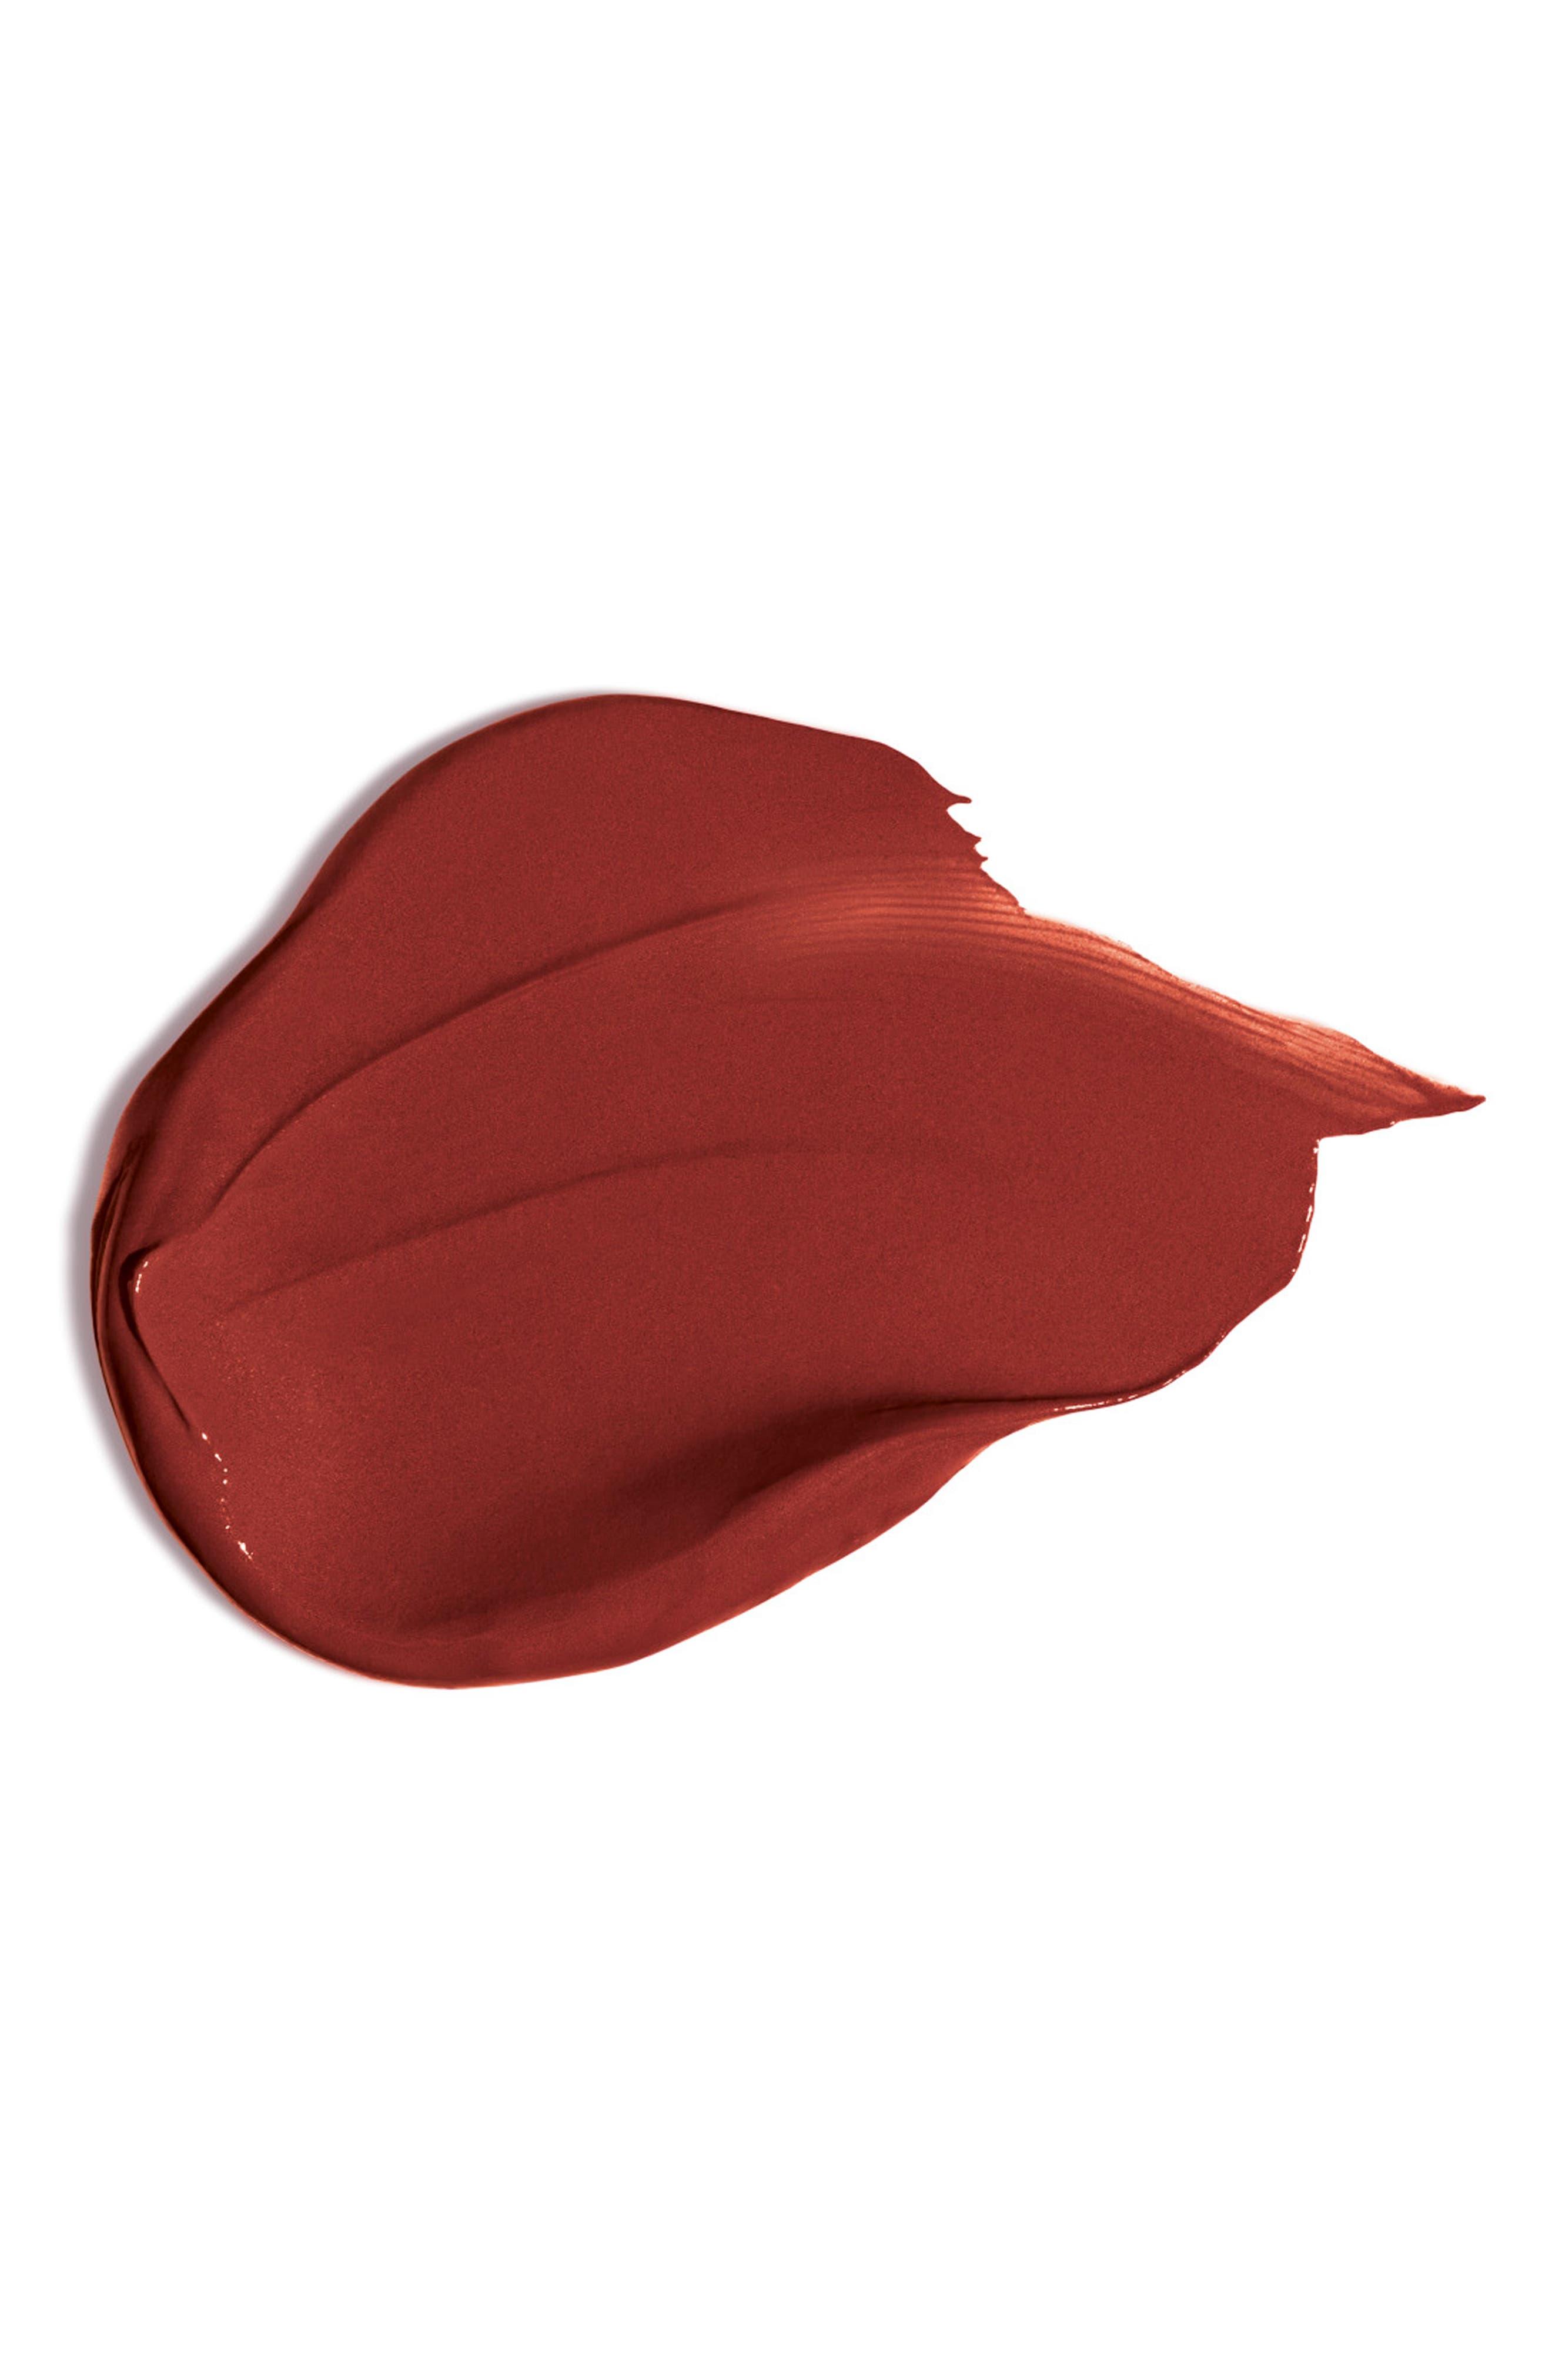 Joli Rouge Velvet Matte Lipstick,                             Alternate thumbnail 2, color,                             737 SPICY CINNAMON